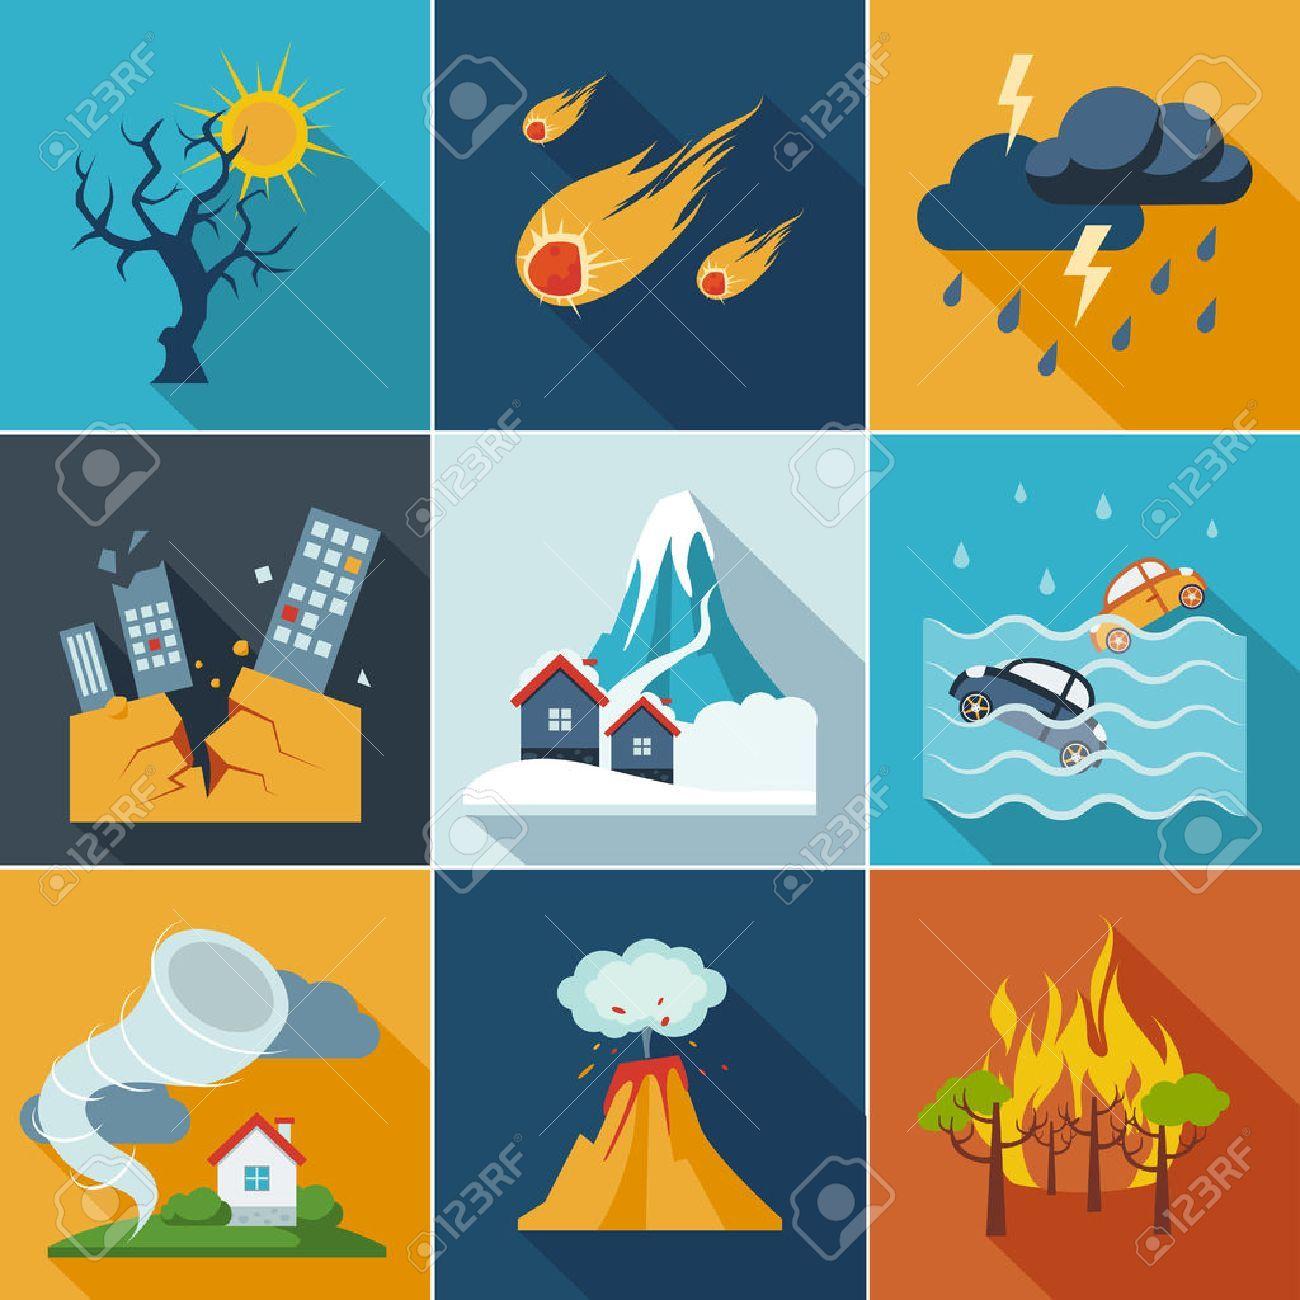 Los Desastres Naturales Iconos Fenomenos Establecen Estilo Plano Desastres Naturales Desastre Natural Desastres Naturales Para Ninos